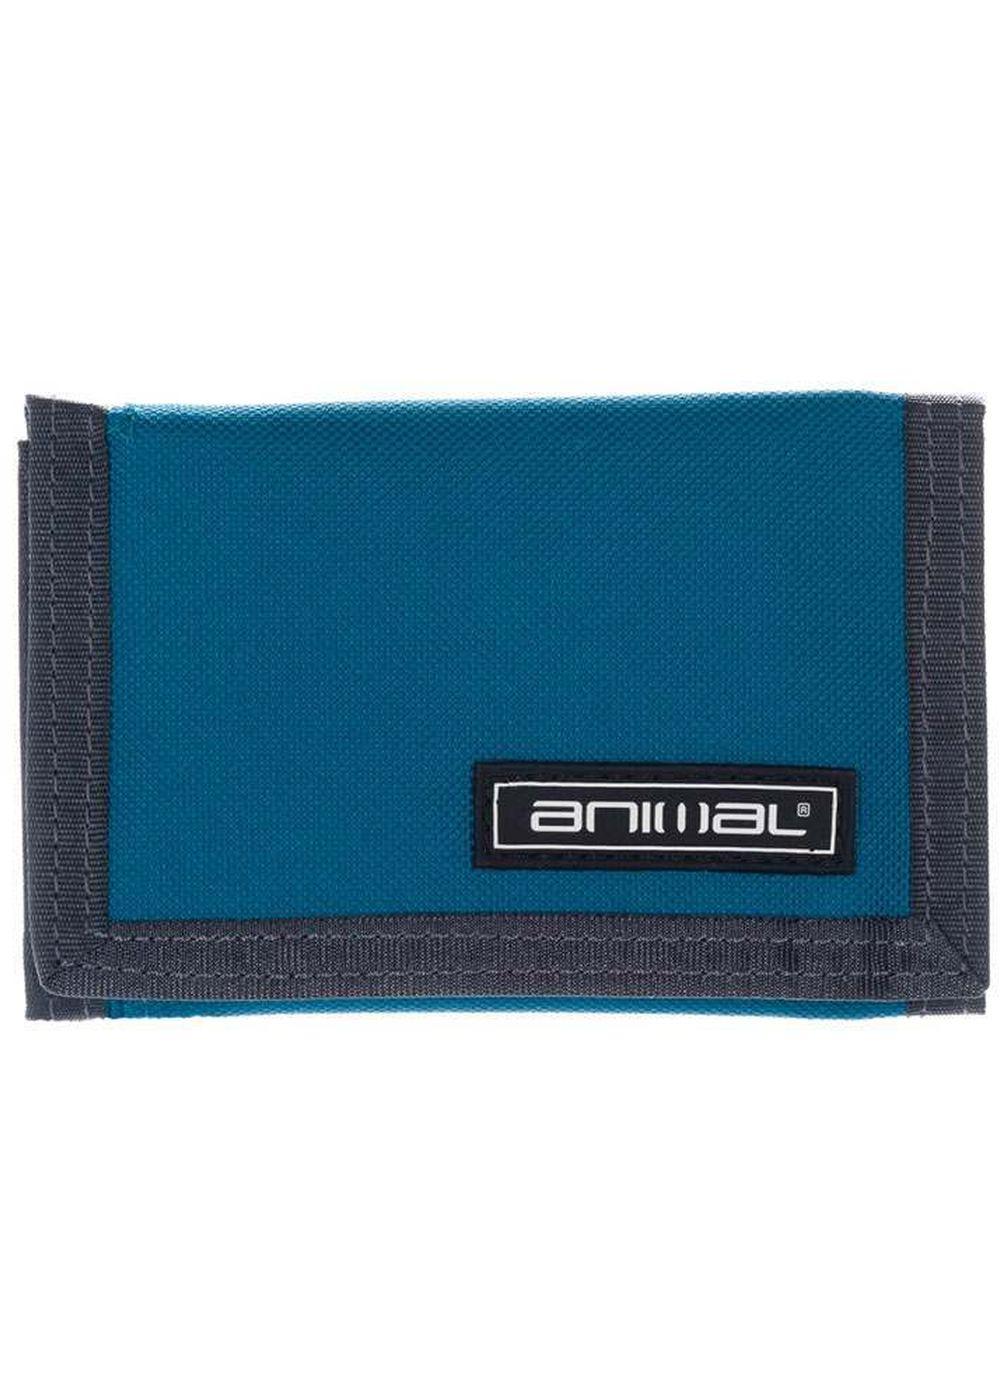 animal marlin wallet lyons blue